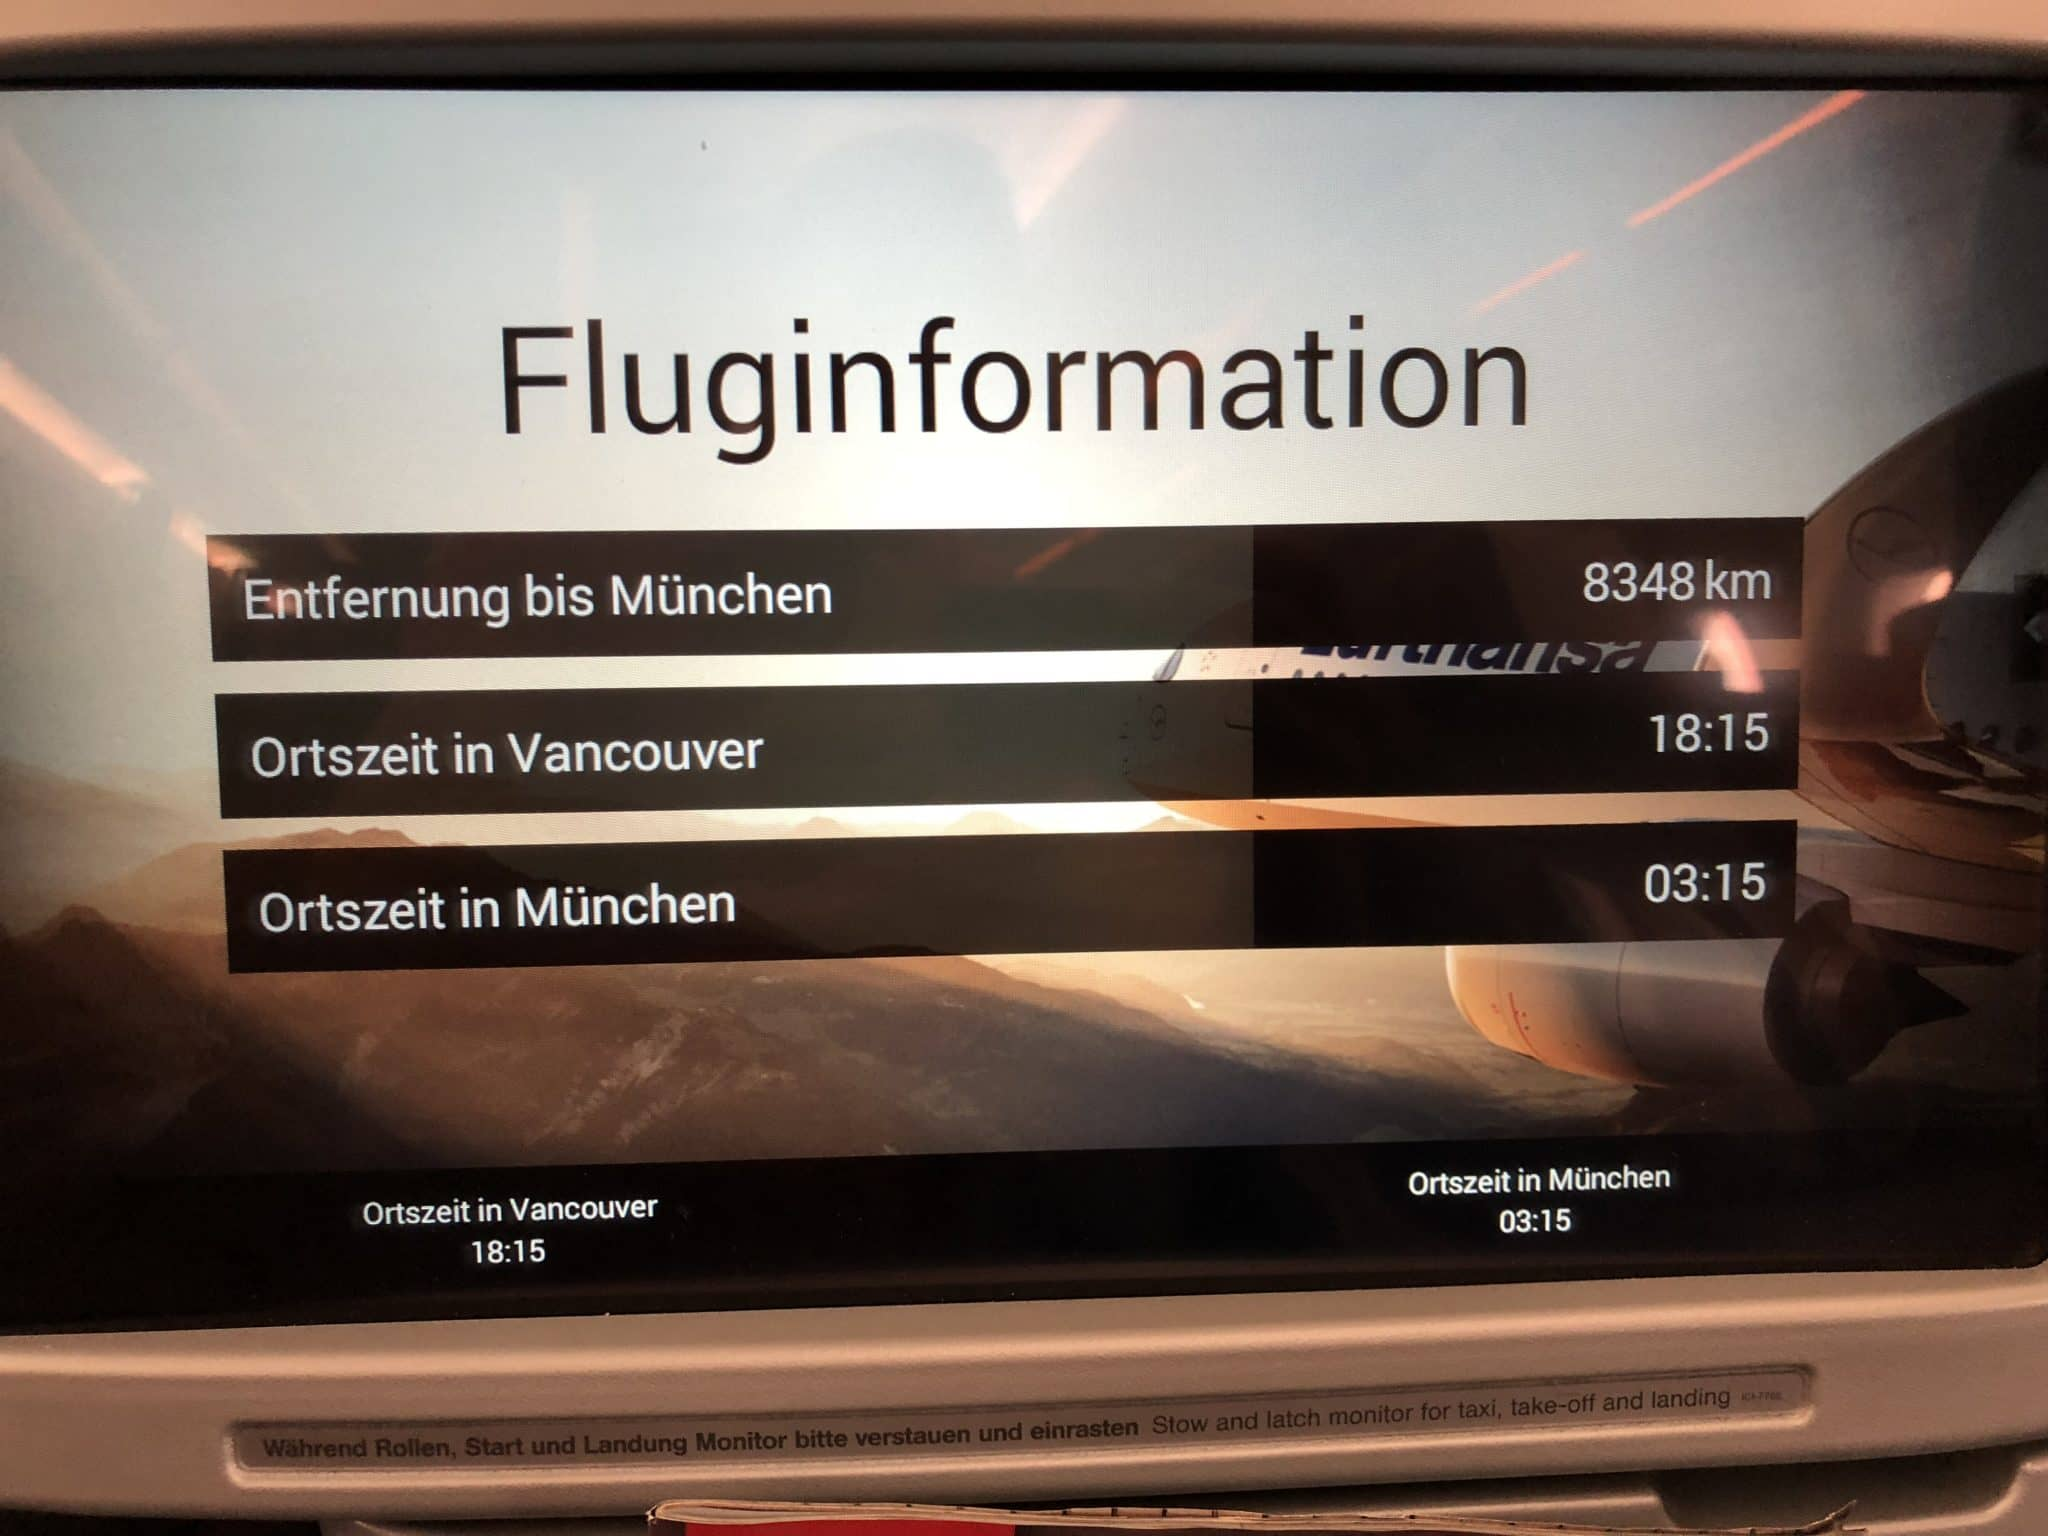 Lufthansa Business Class A350 Fluginformation